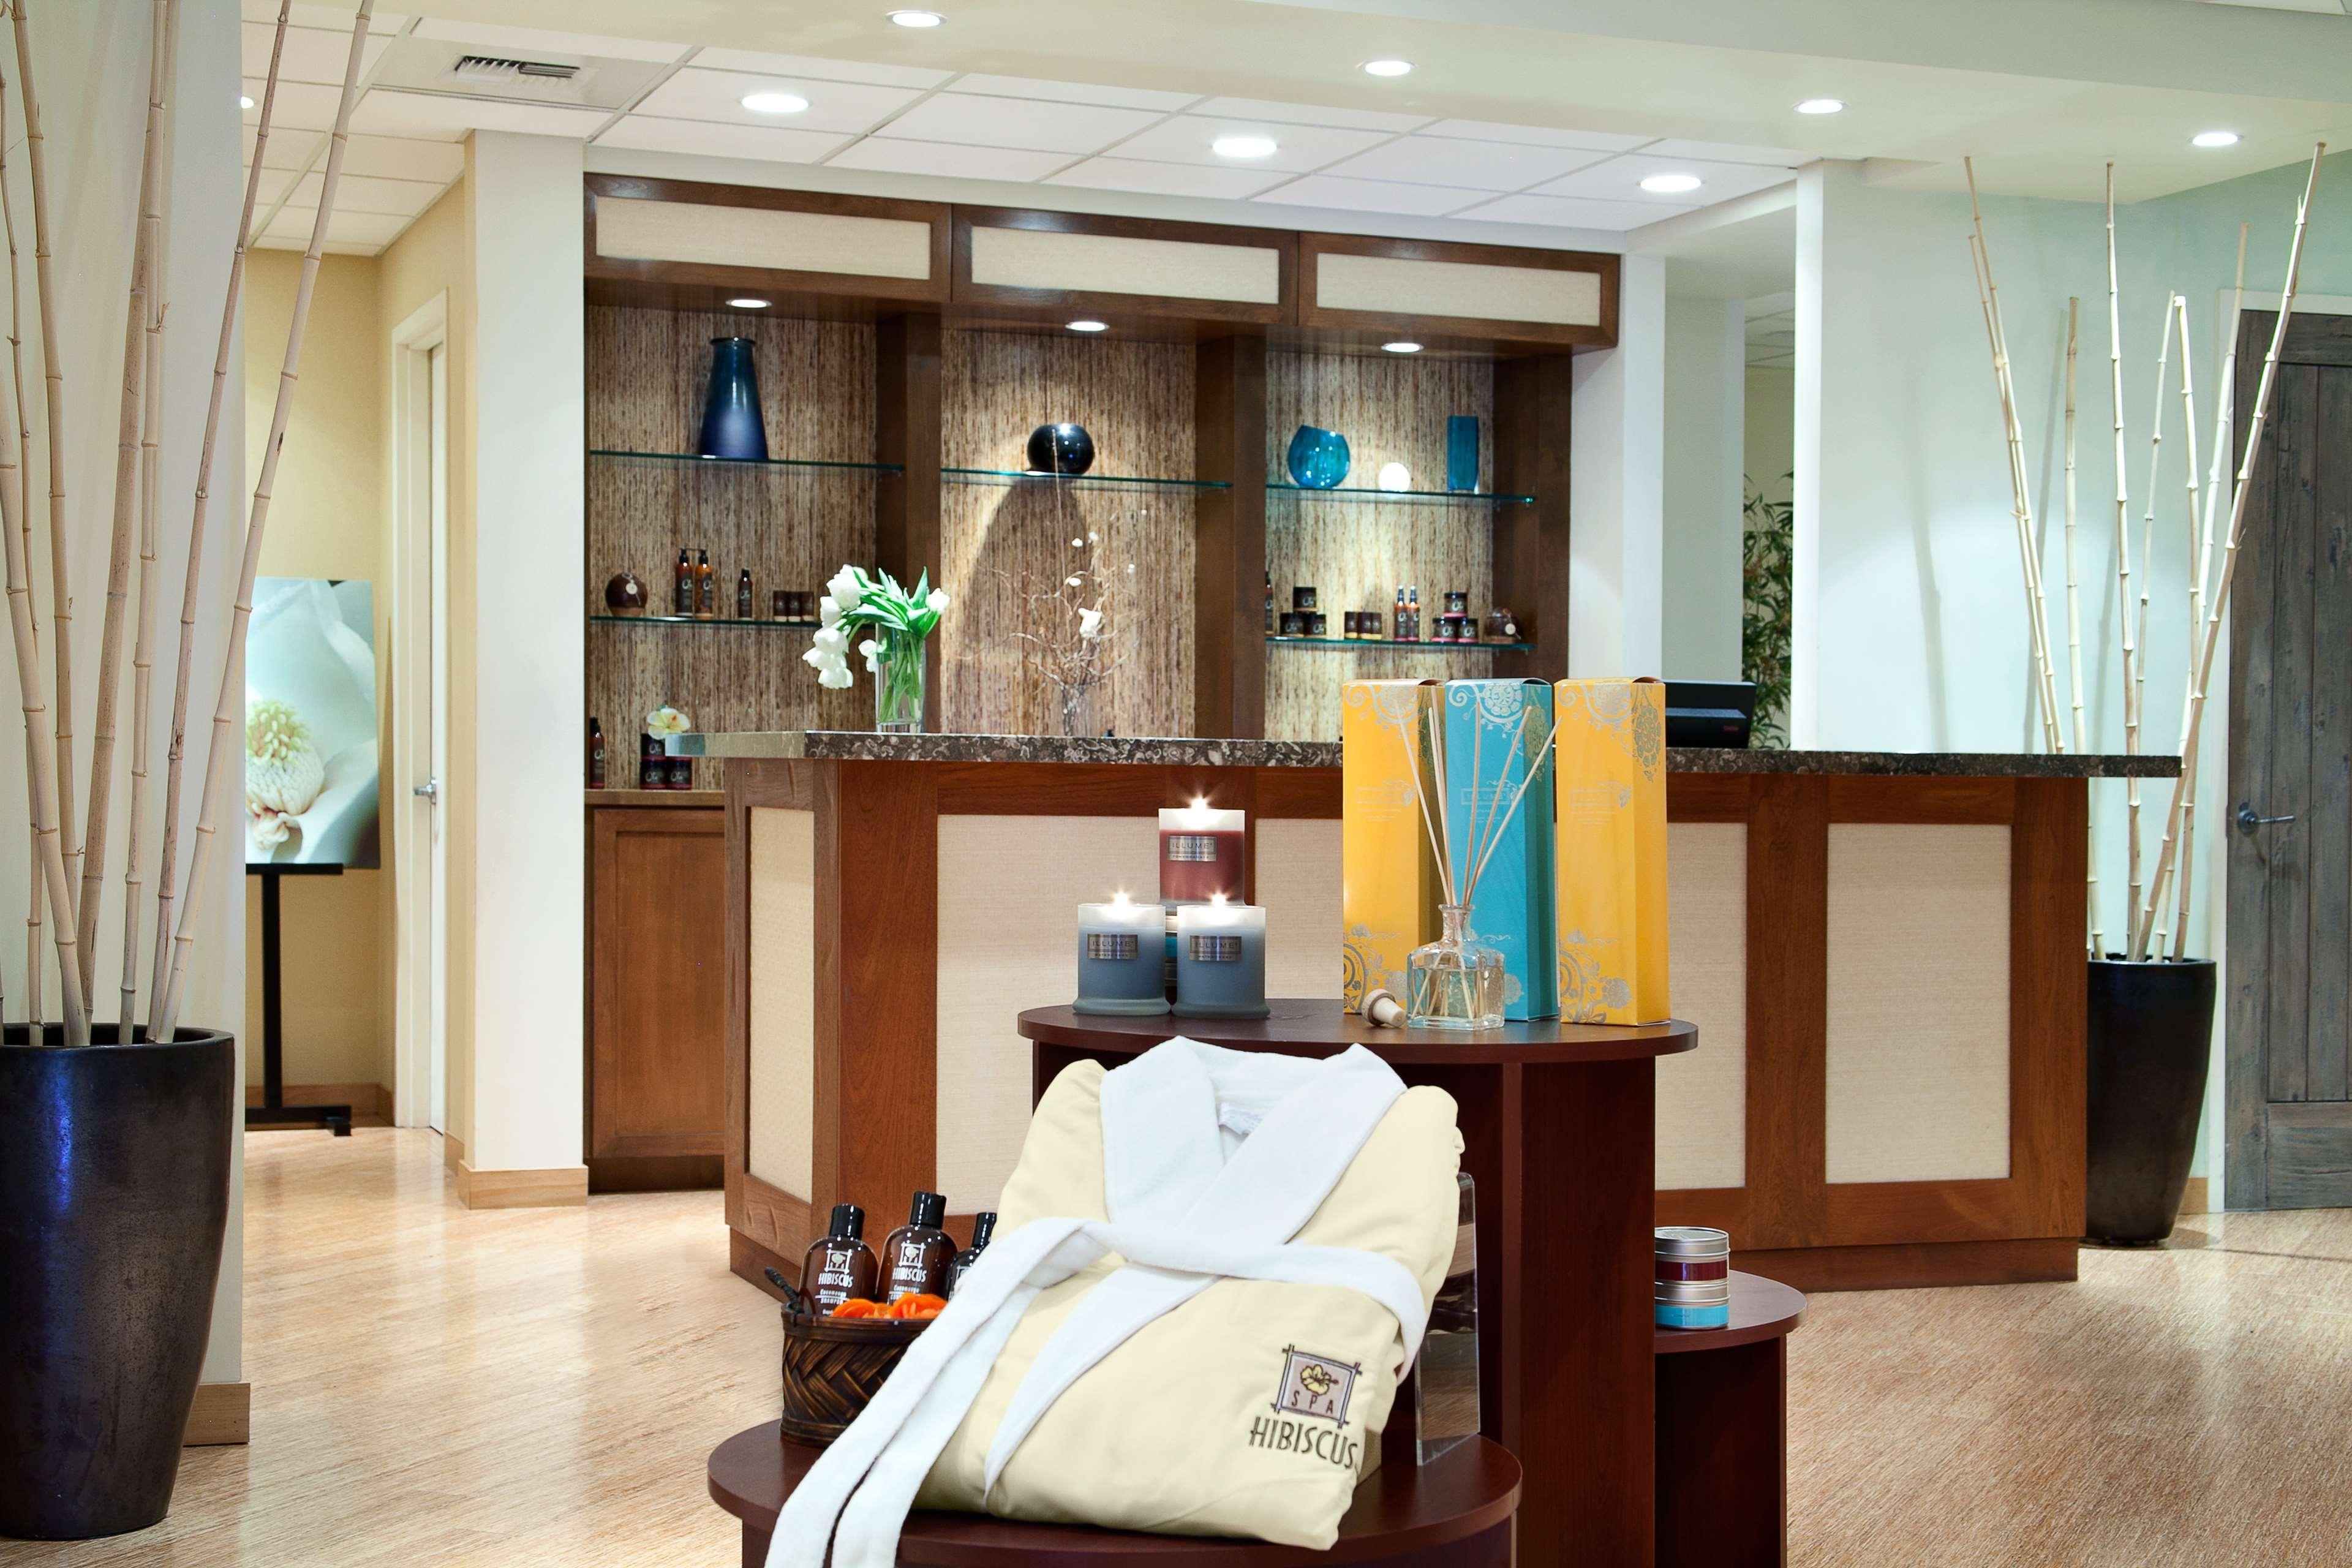 Embassy Suites by Hilton La Quinta Hotel & Spa image 34